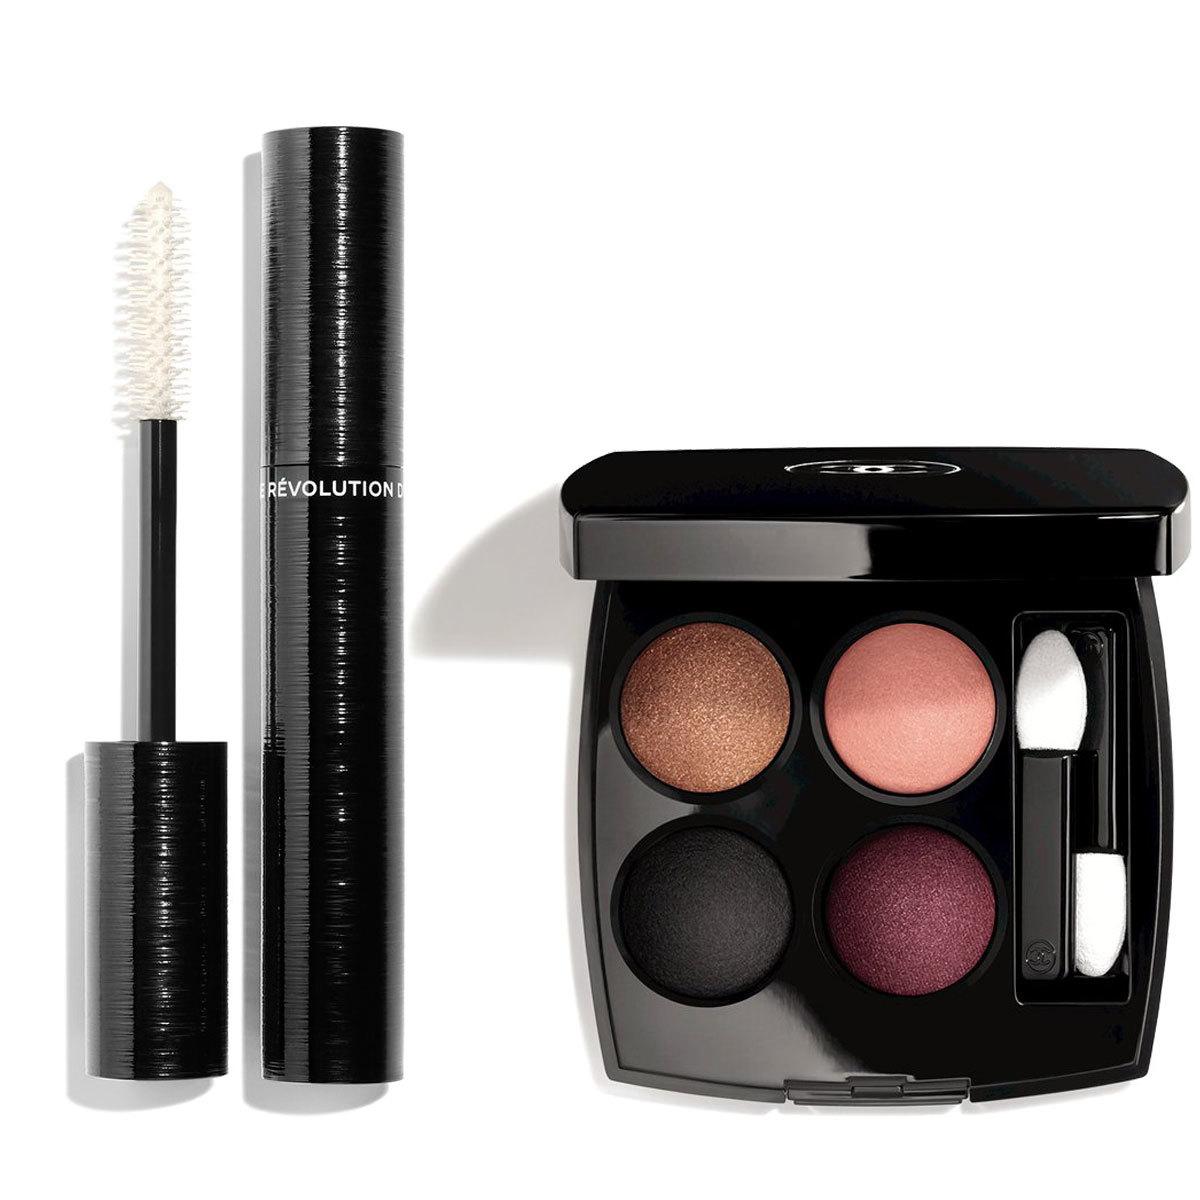 Máscara de pestañas Revolution Noir y paleta de sombras Mystere et Intensite, de Chanel.